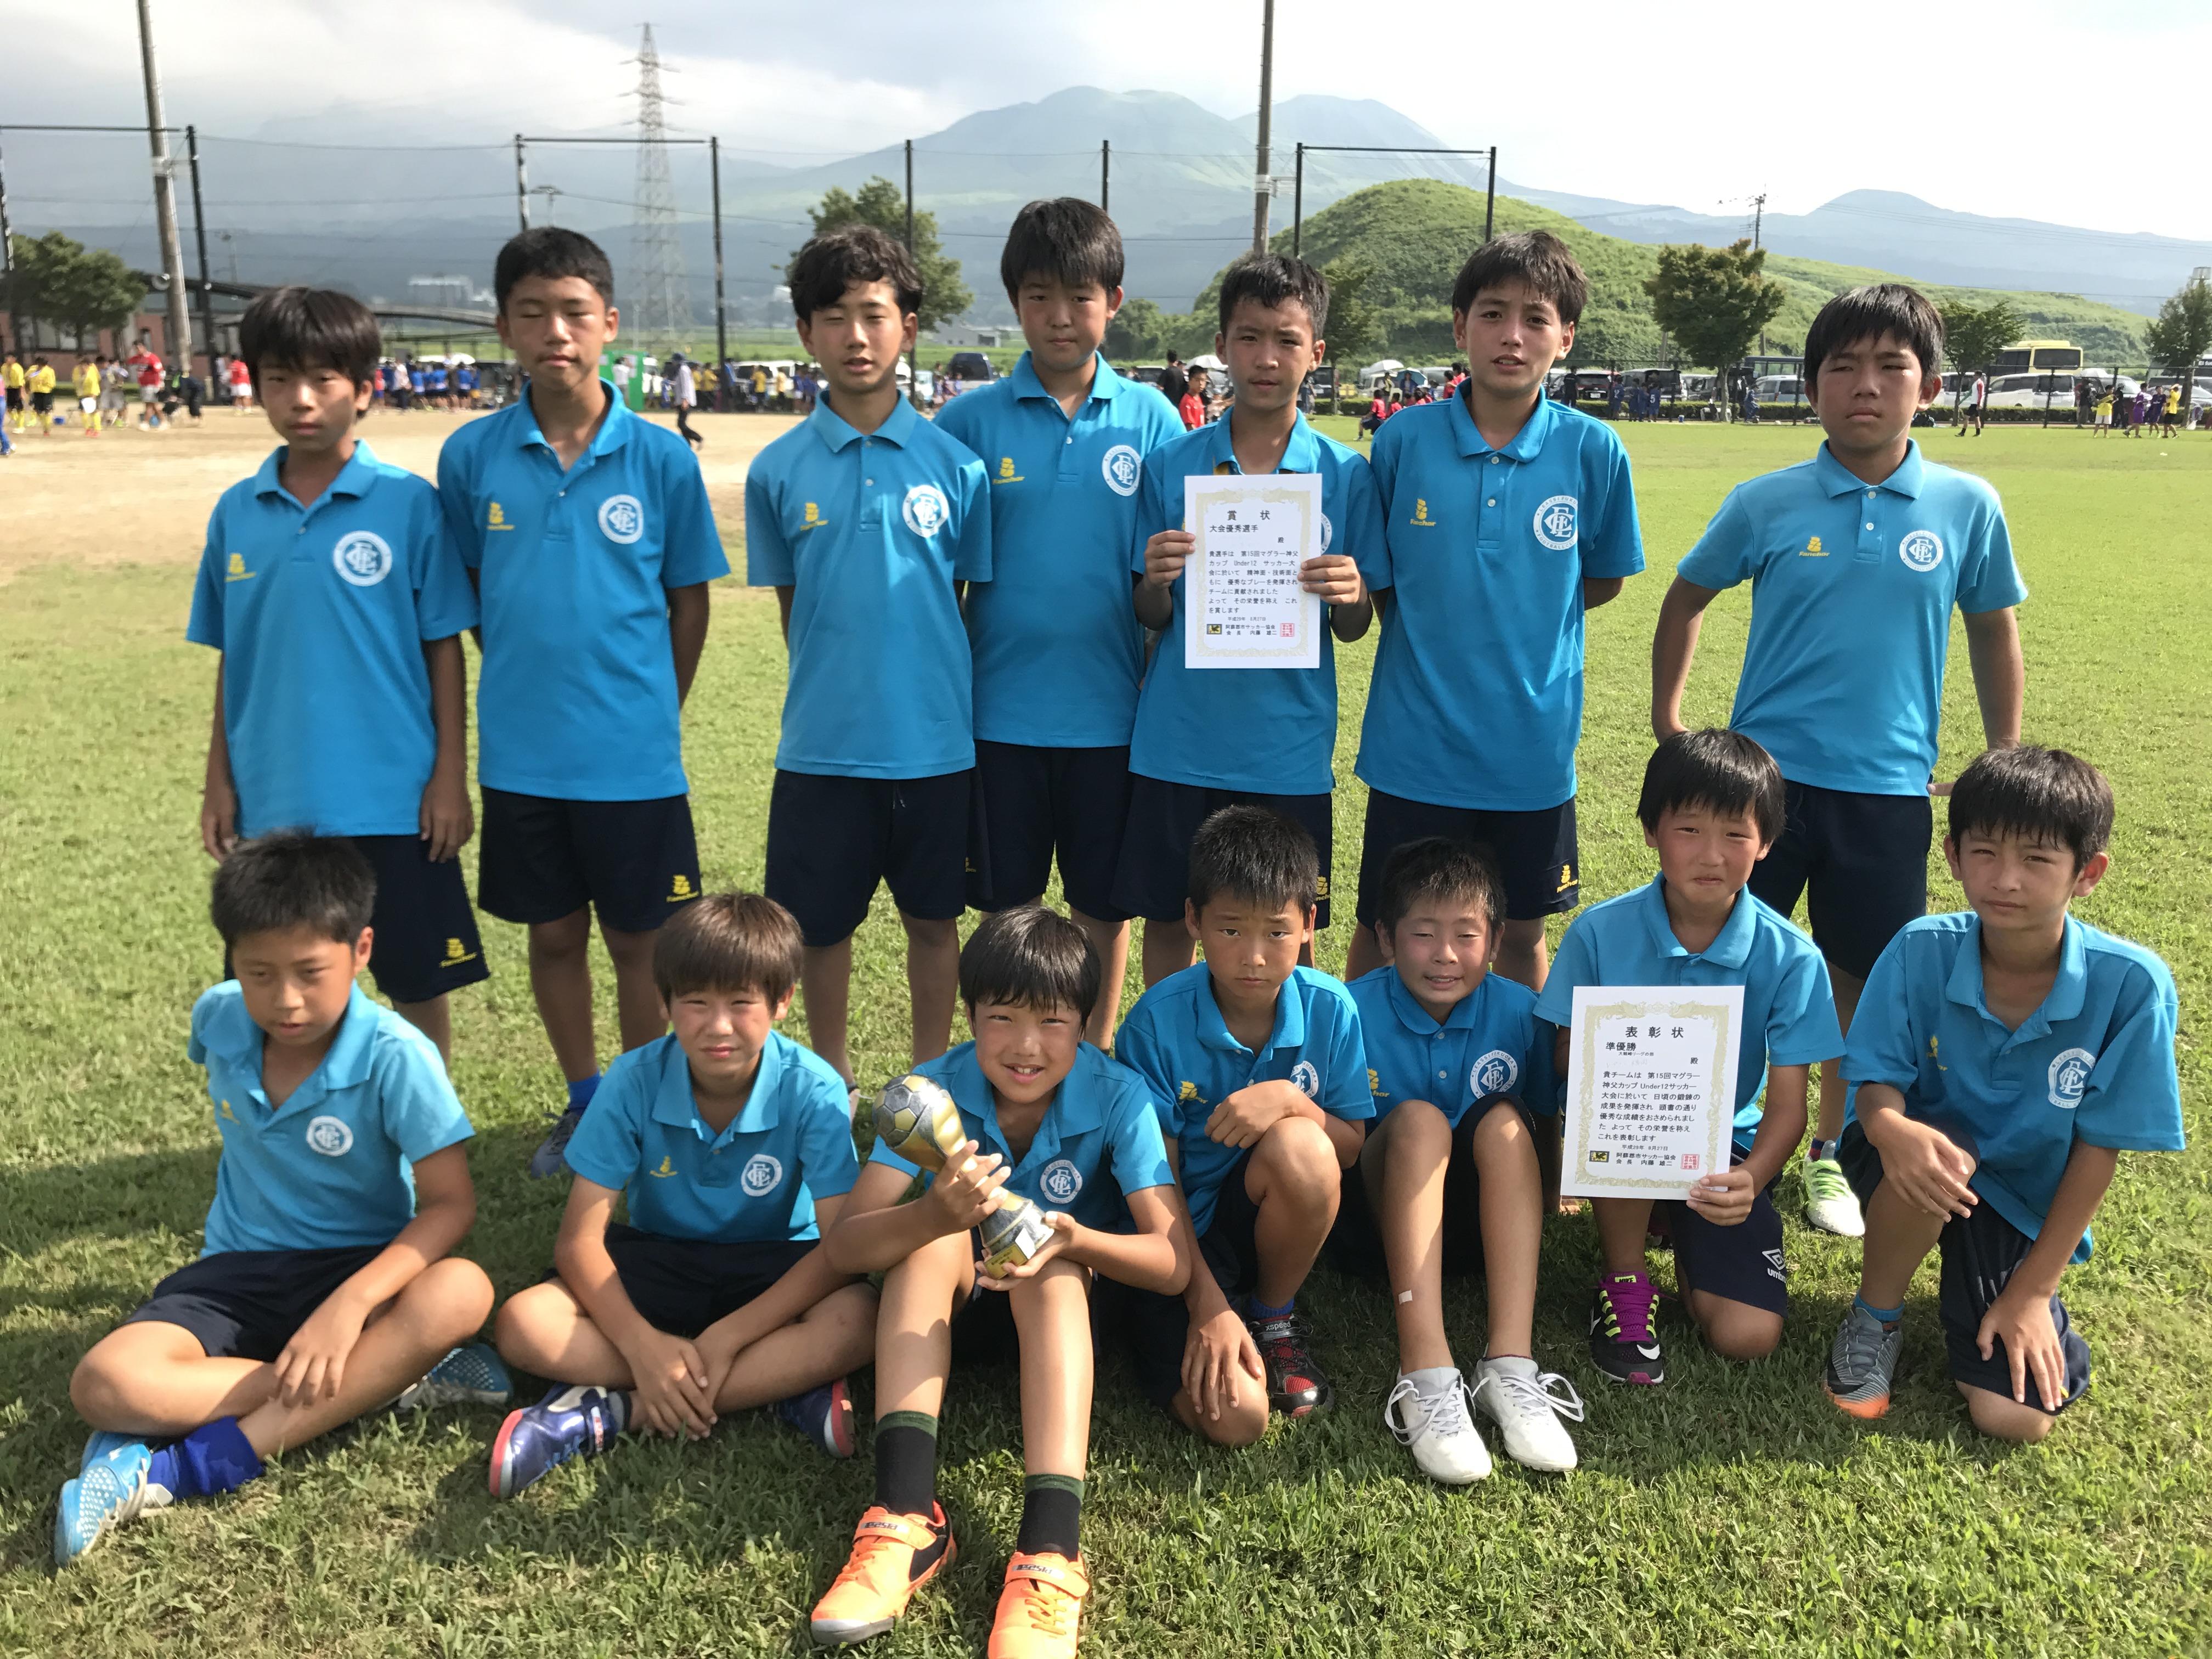 超速報! 第41回 全日本少年サッカー大会 福岡県大会 福岡ブロック大会 組み合わせ決定!